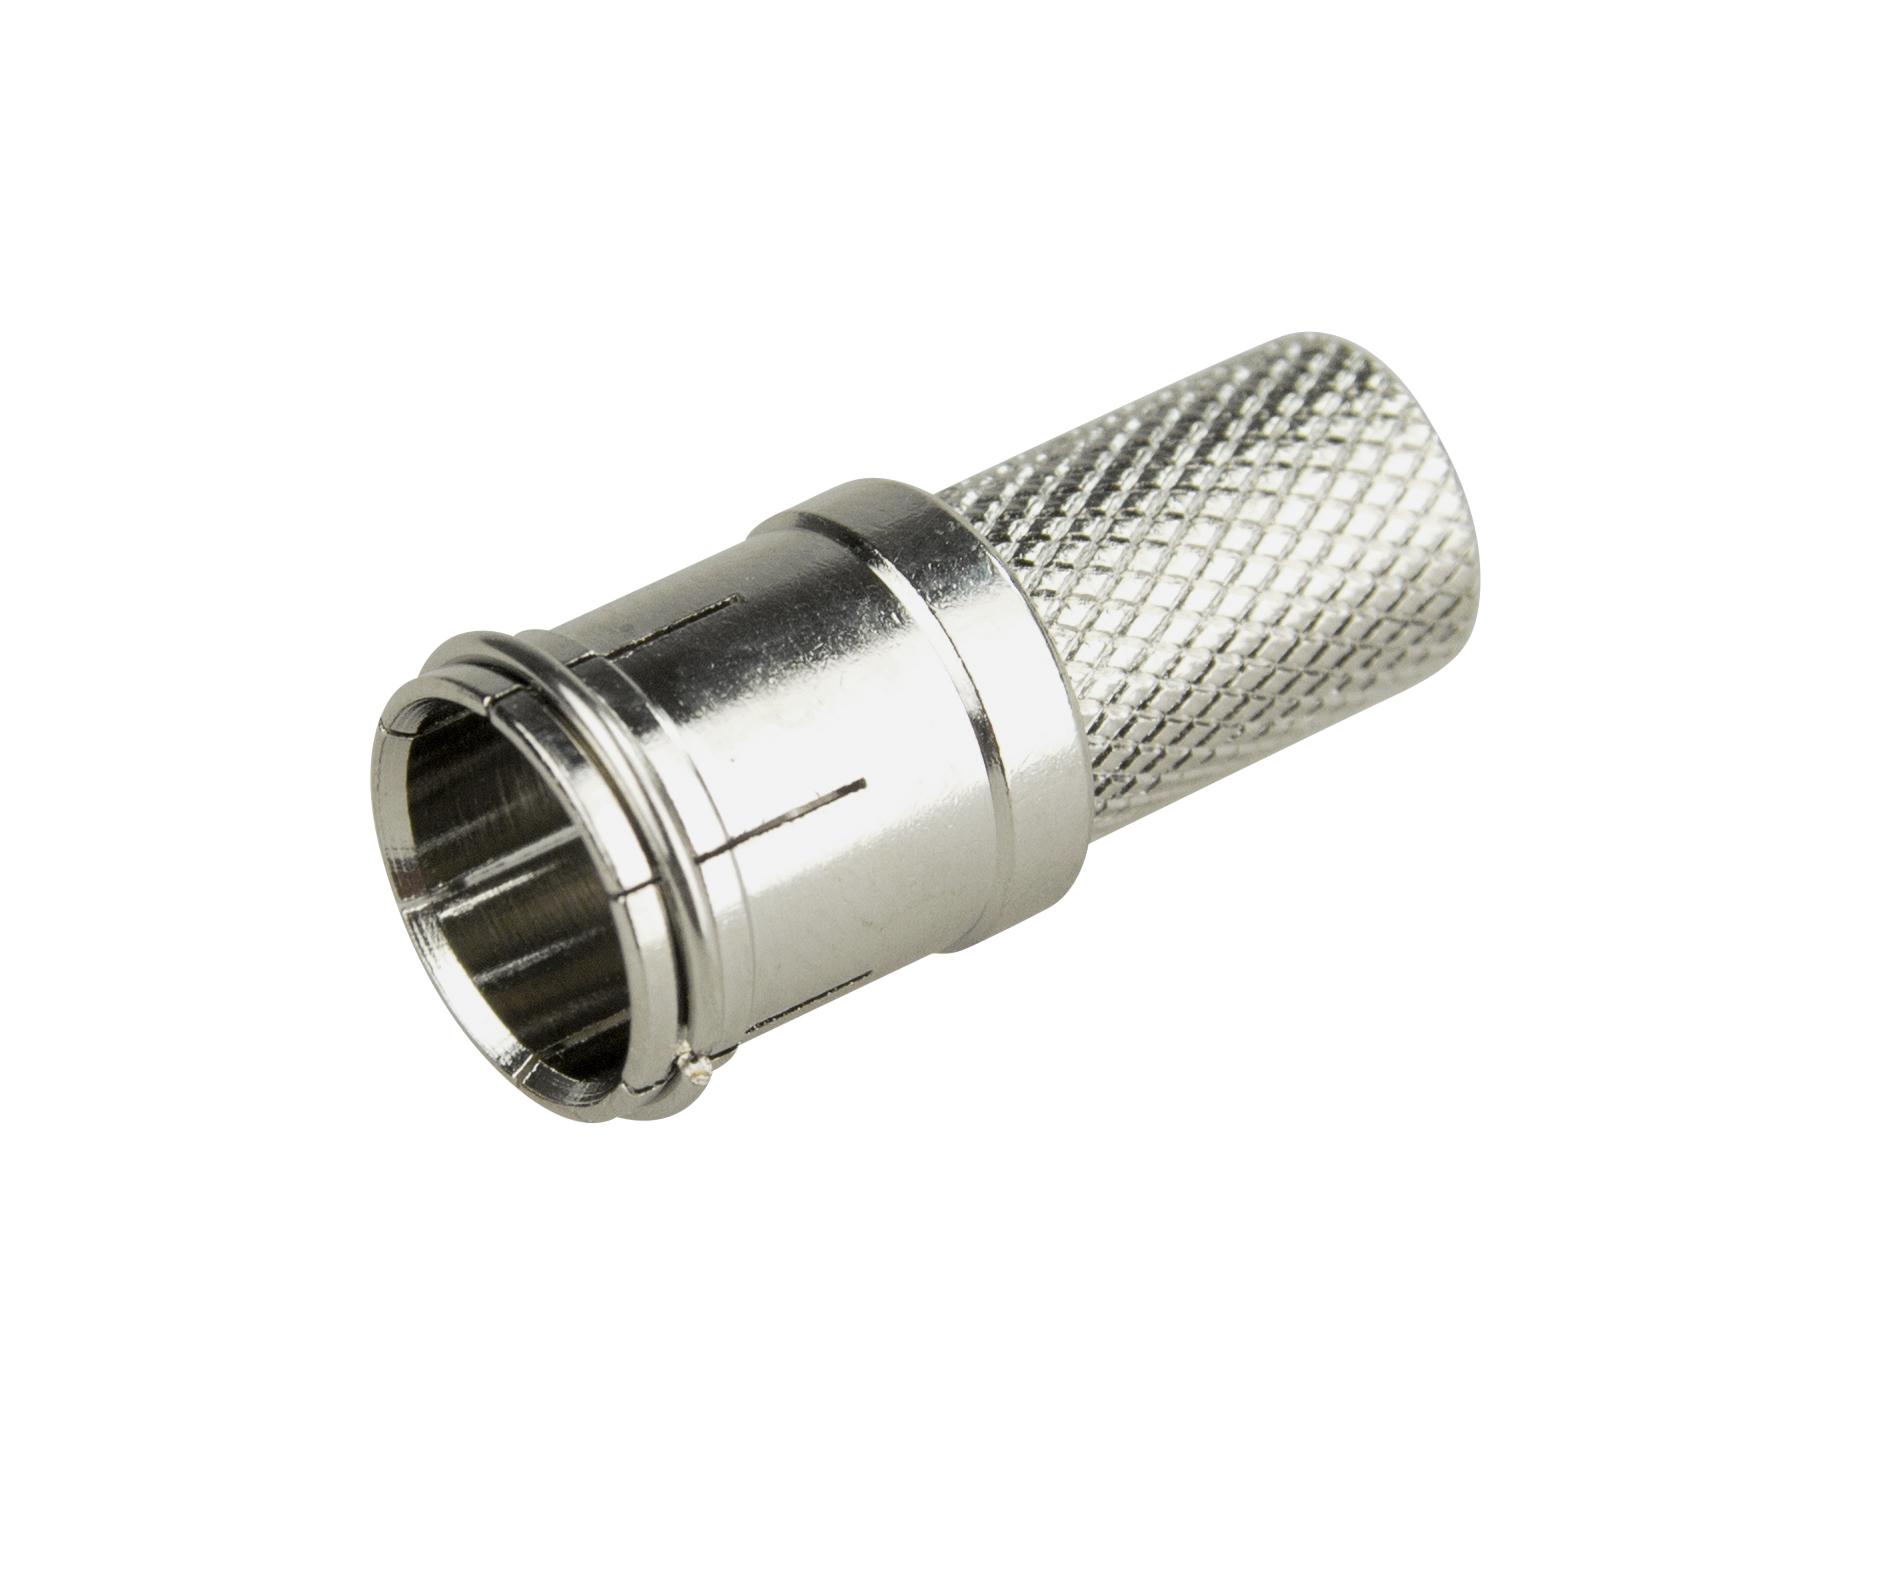 1 VE Koax F-Stecker Quick, schraubbar, für Kabel 6,6-6,8mm,10 Stk HS4HFSQ---